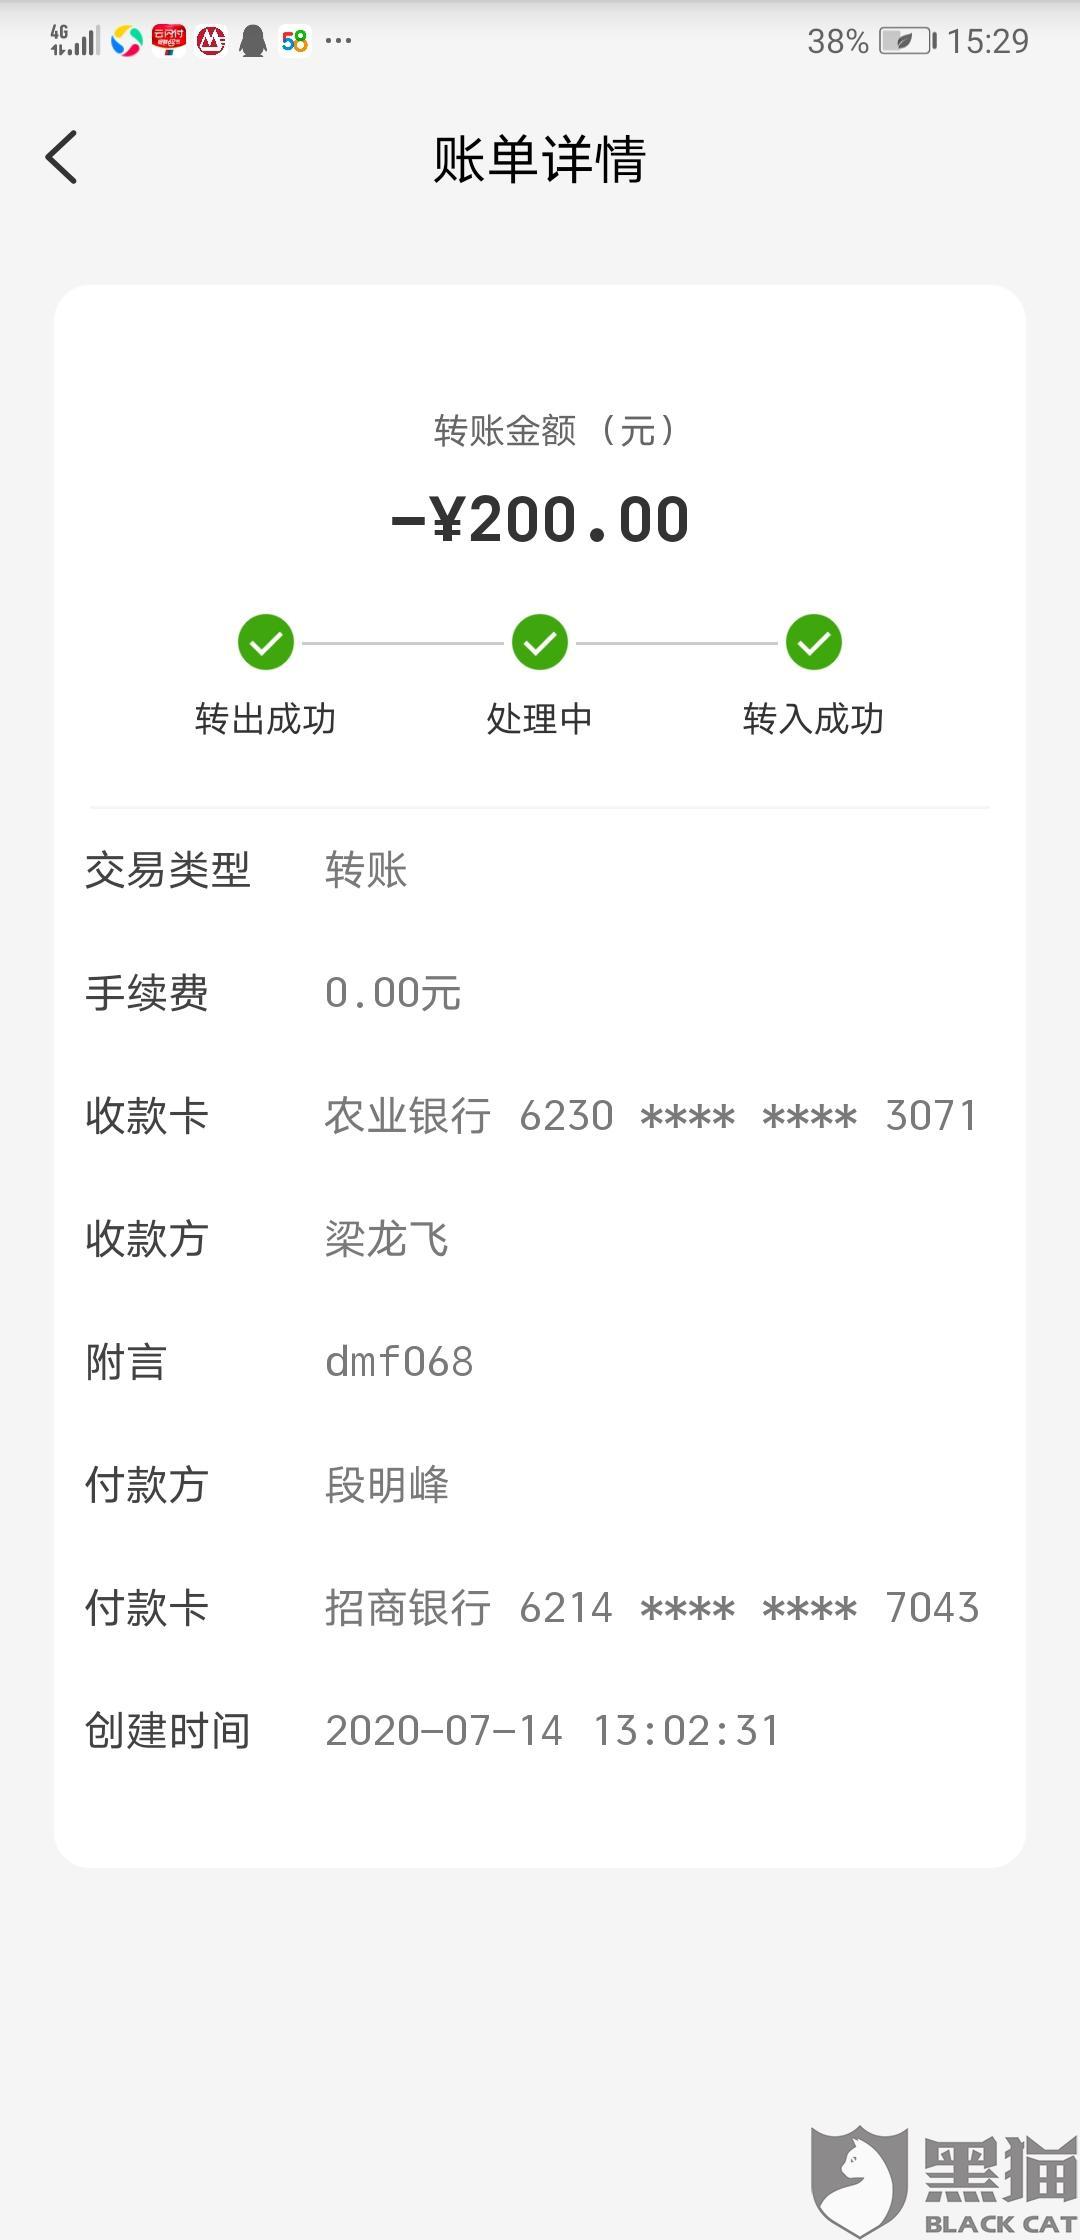 黑猫投诉:广州炳诚网络科技有限公司